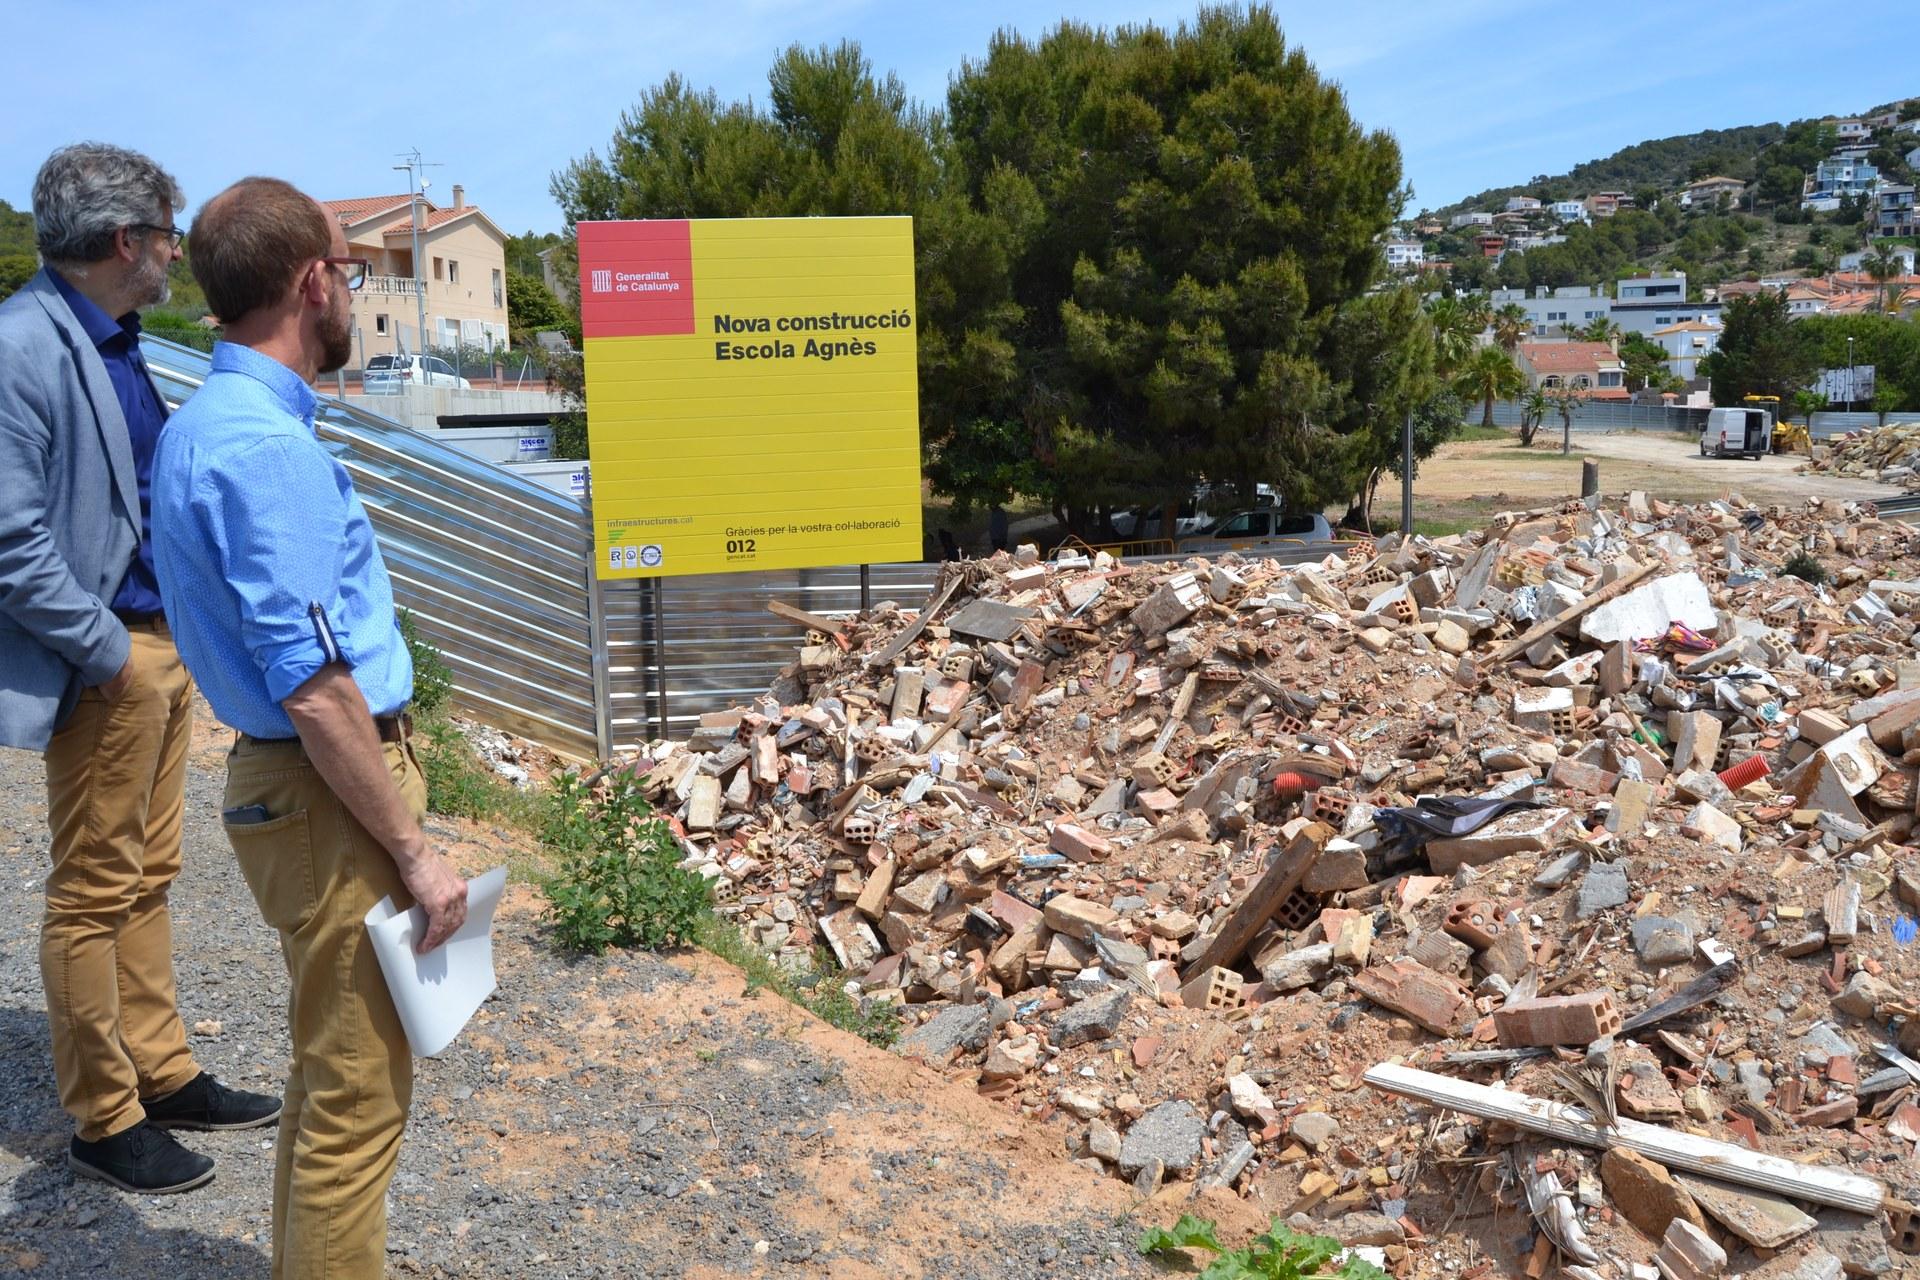 L'alcalde de Sitges, Miquel Forns, fa balanç de les inversions del mandat 2015-2019